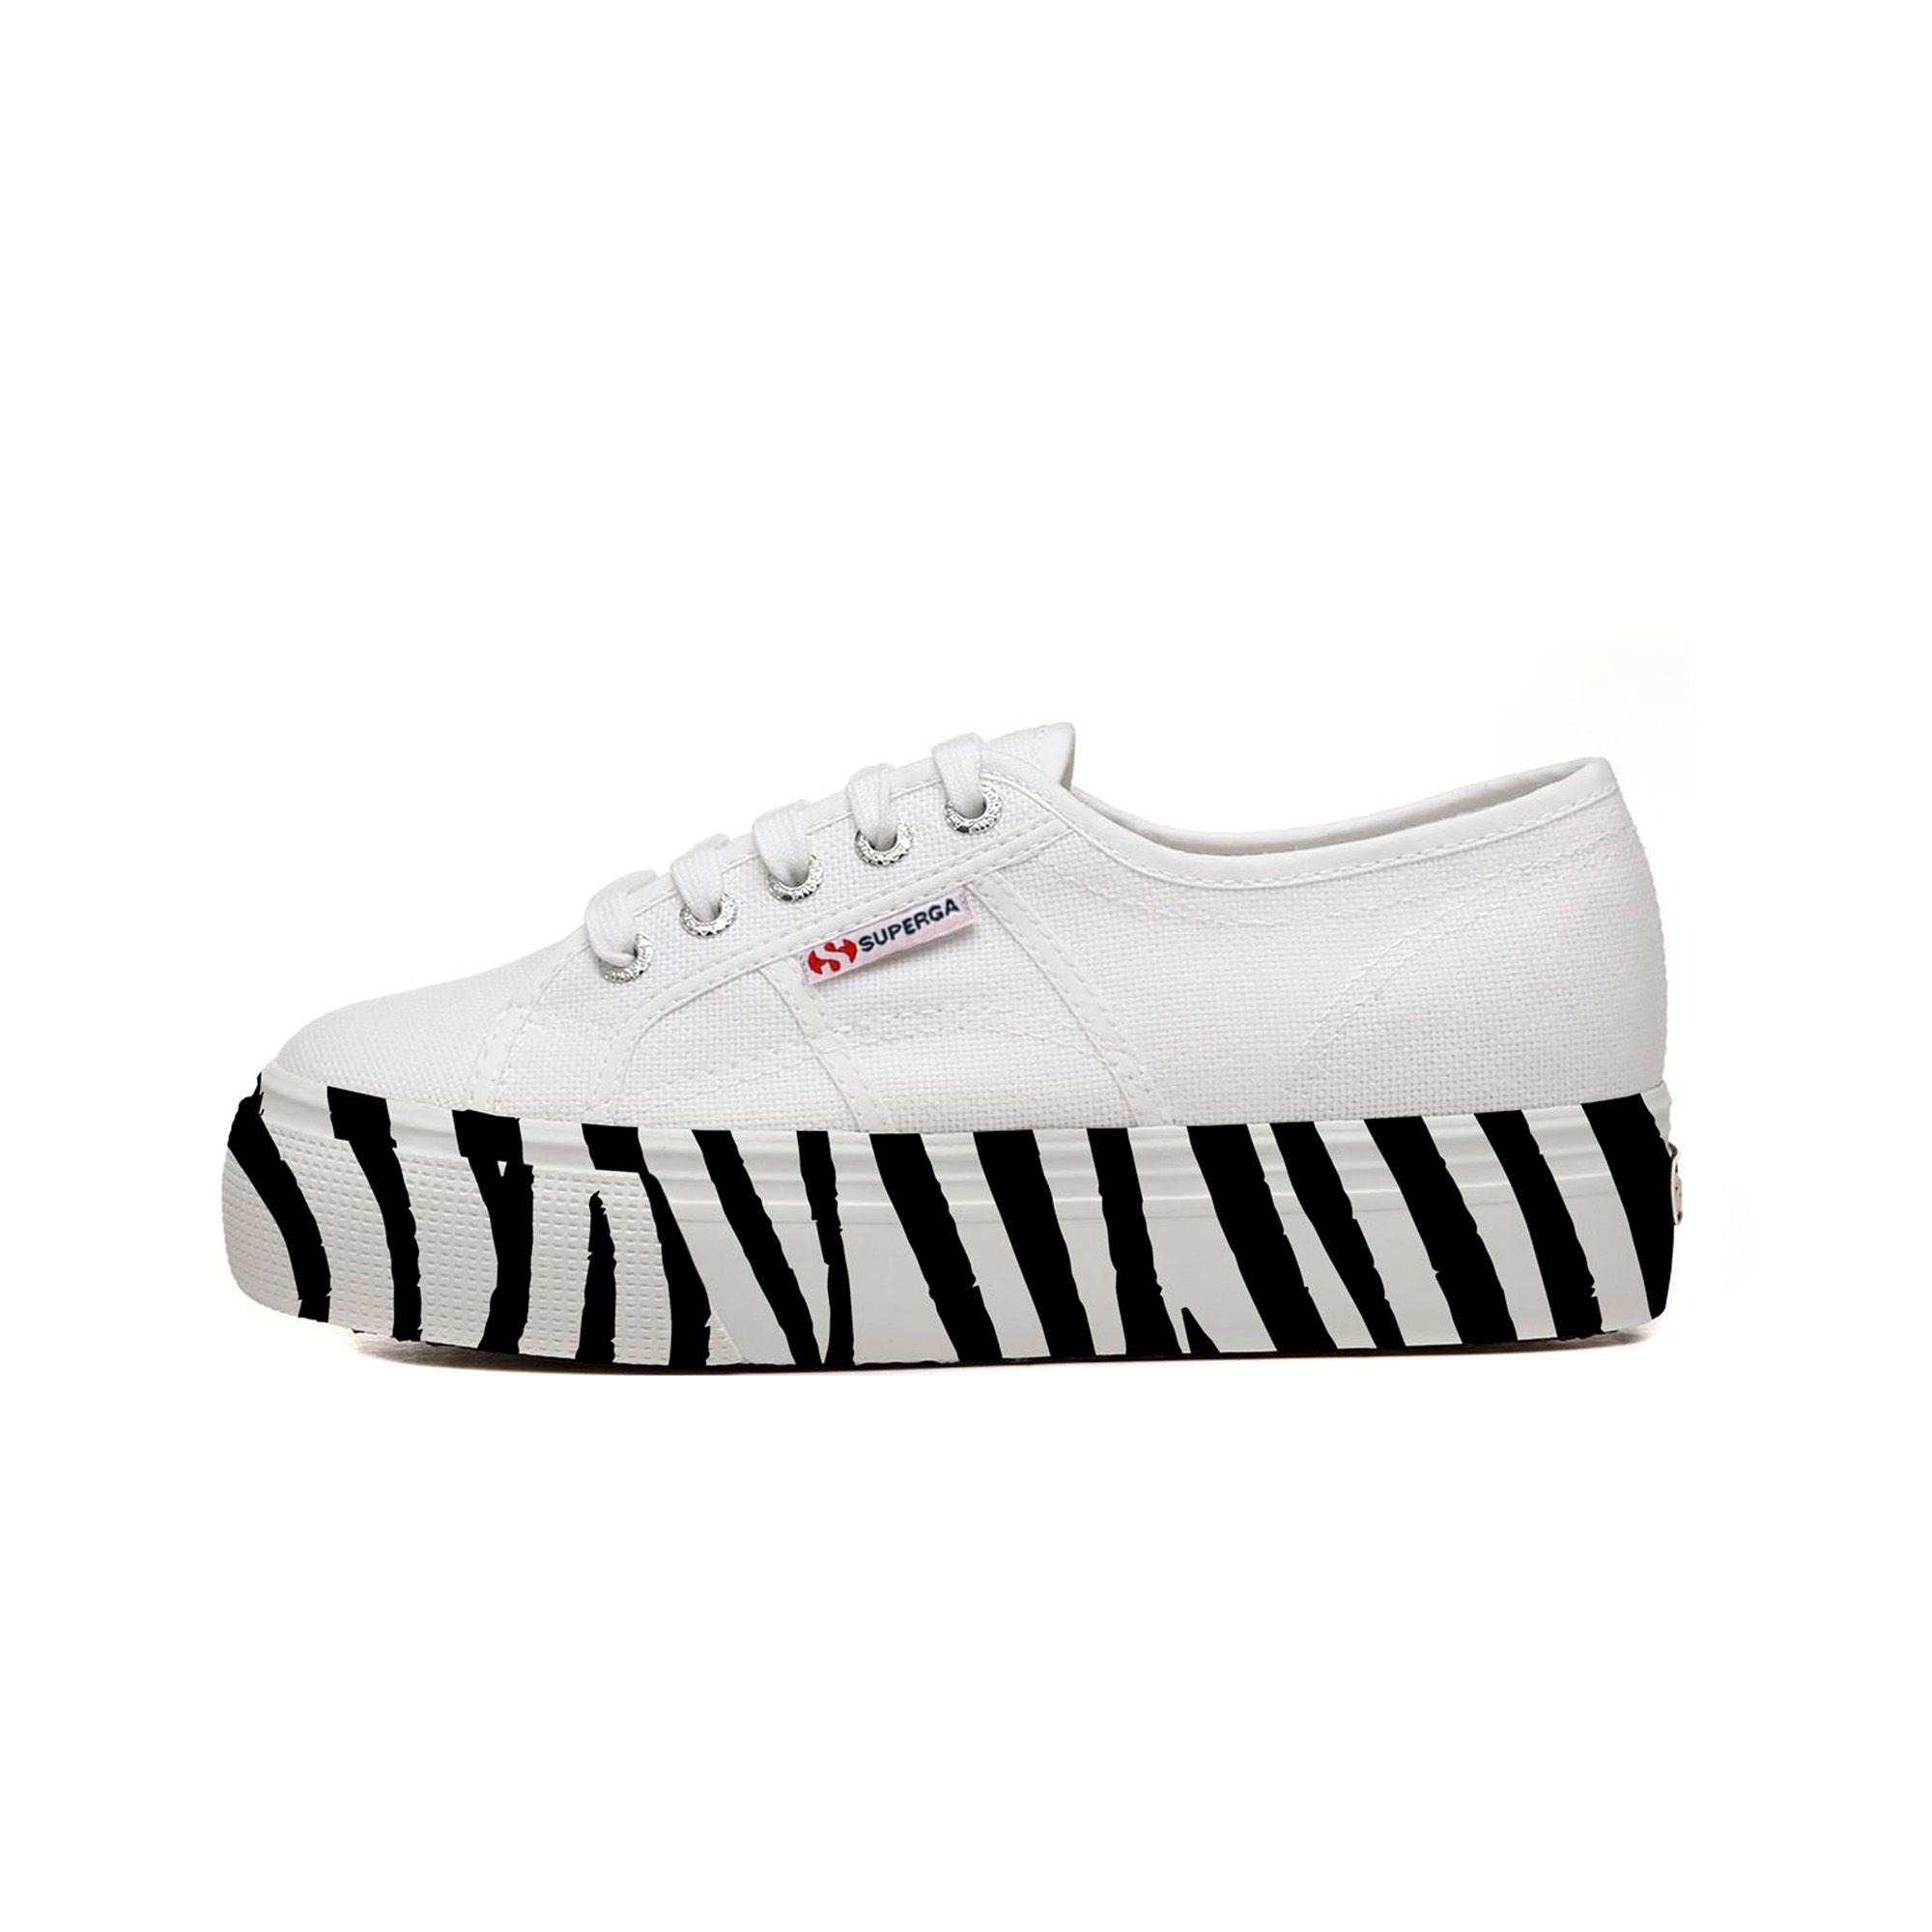 2790-COTW PRINTEDFOXING - White-Zebra